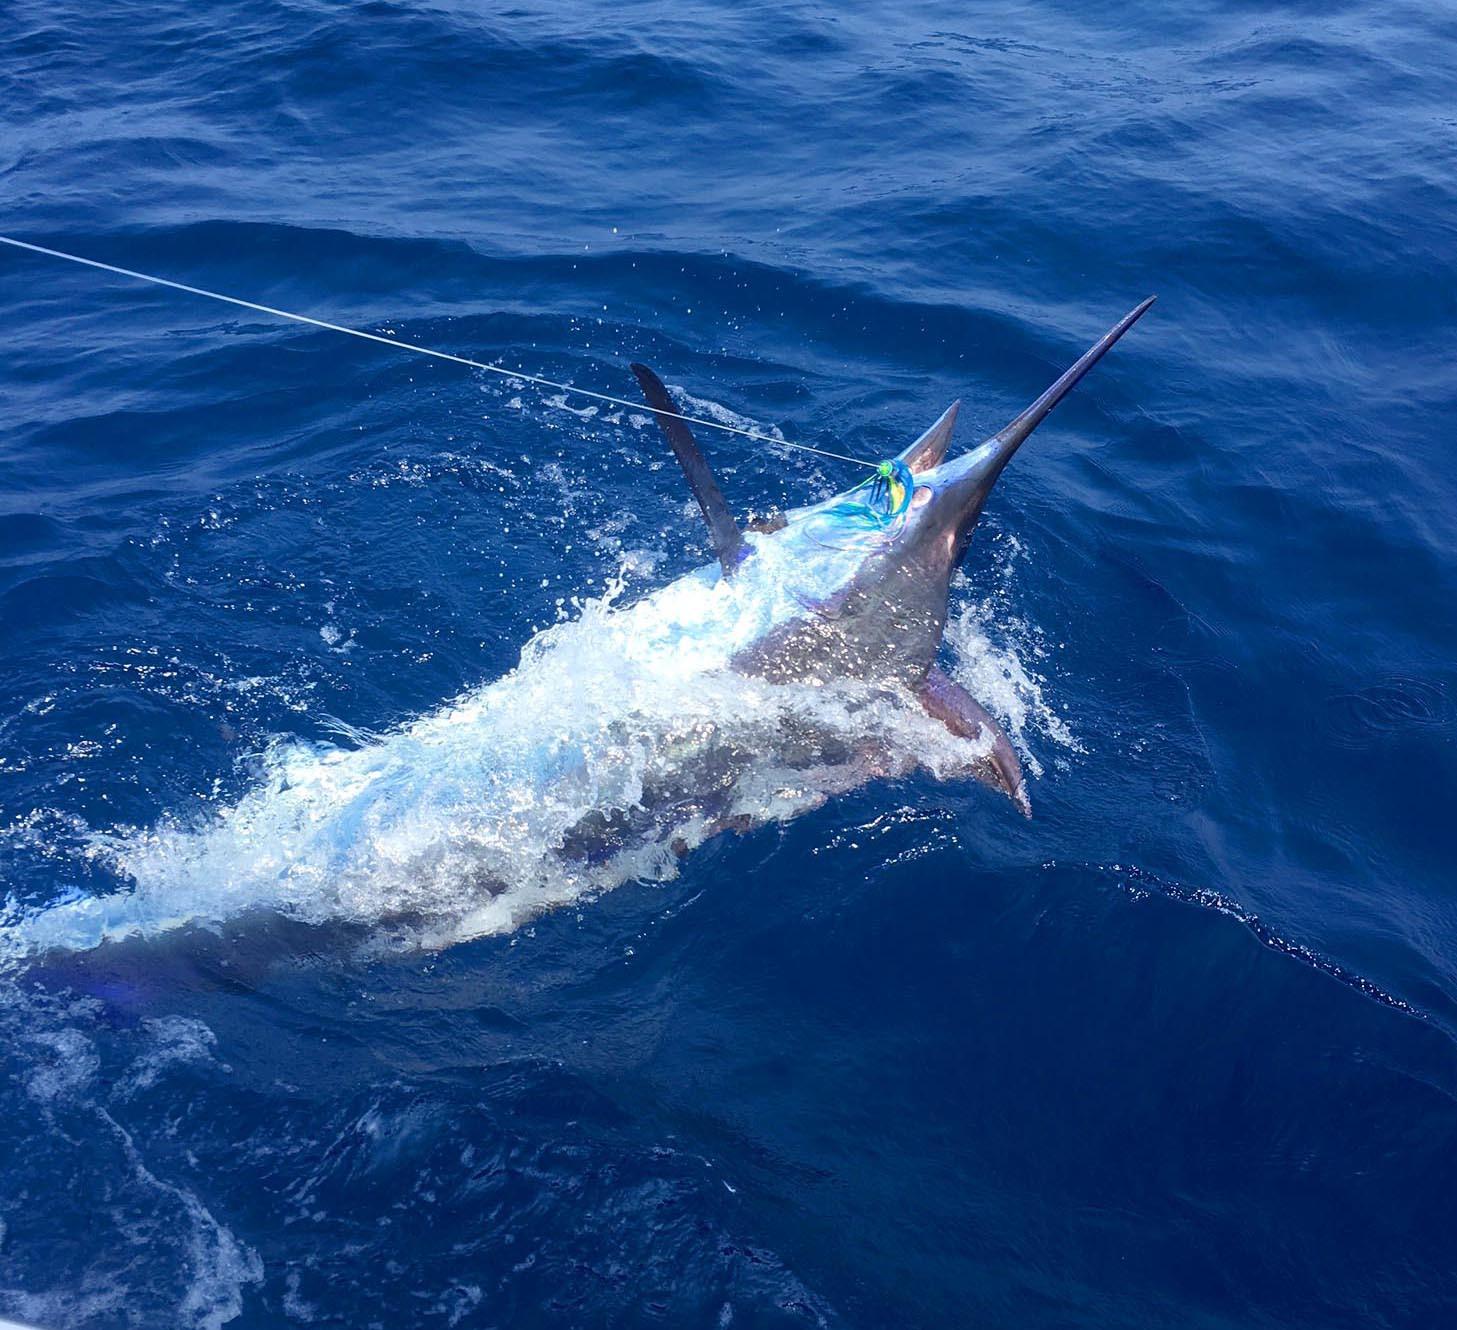 8月最初の土日は全国で釣れまくり3東日本編_f0009039_18401257.jpg